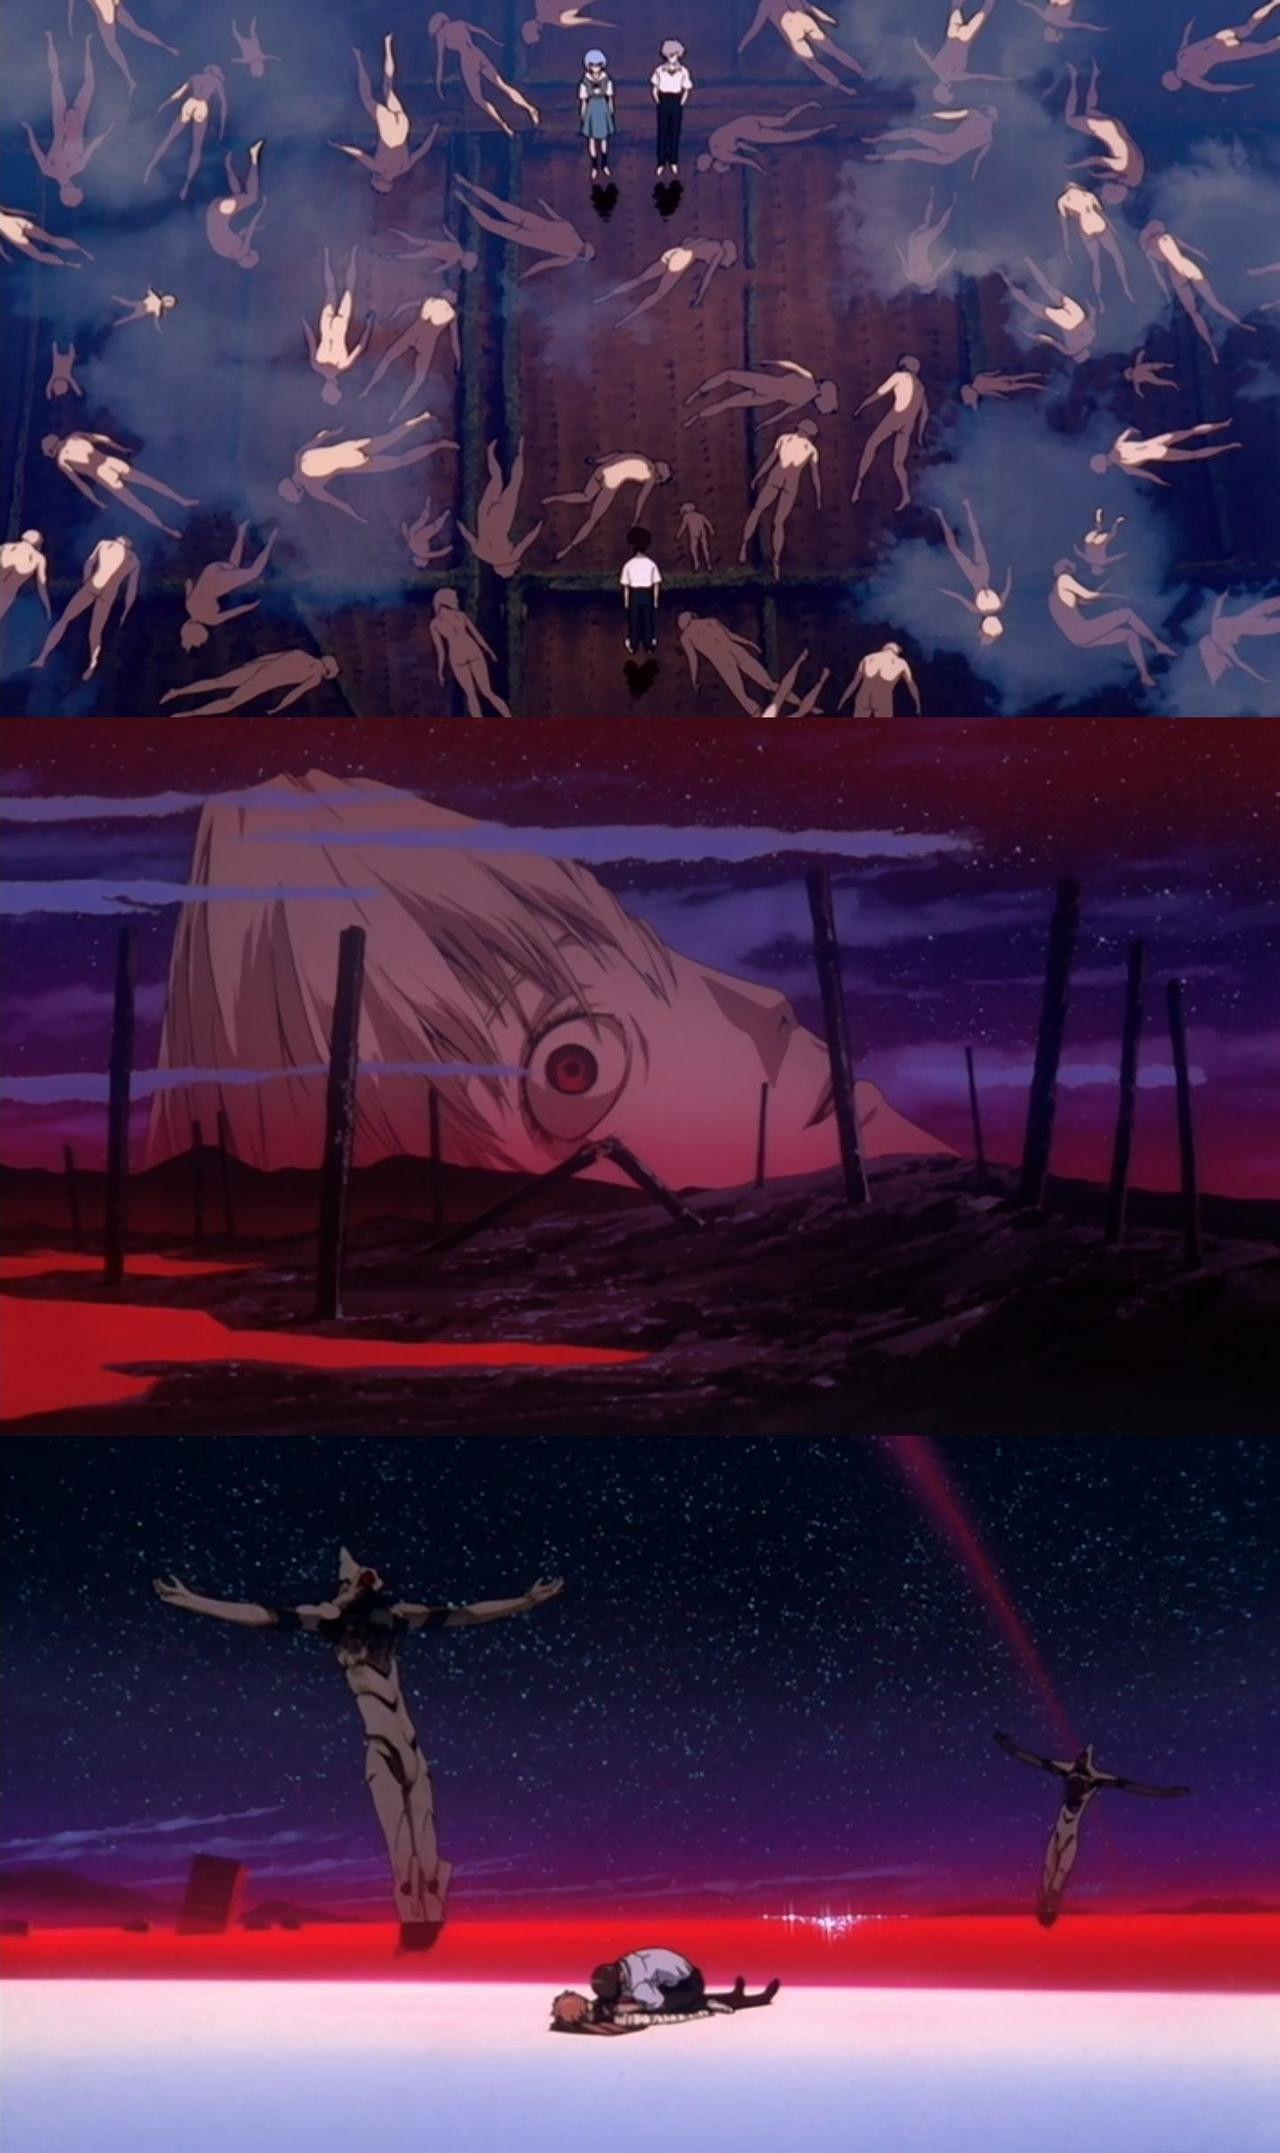 Evangelion | Neon genesis evangelion, Fondo de pantalla de anime, Neon  genesis